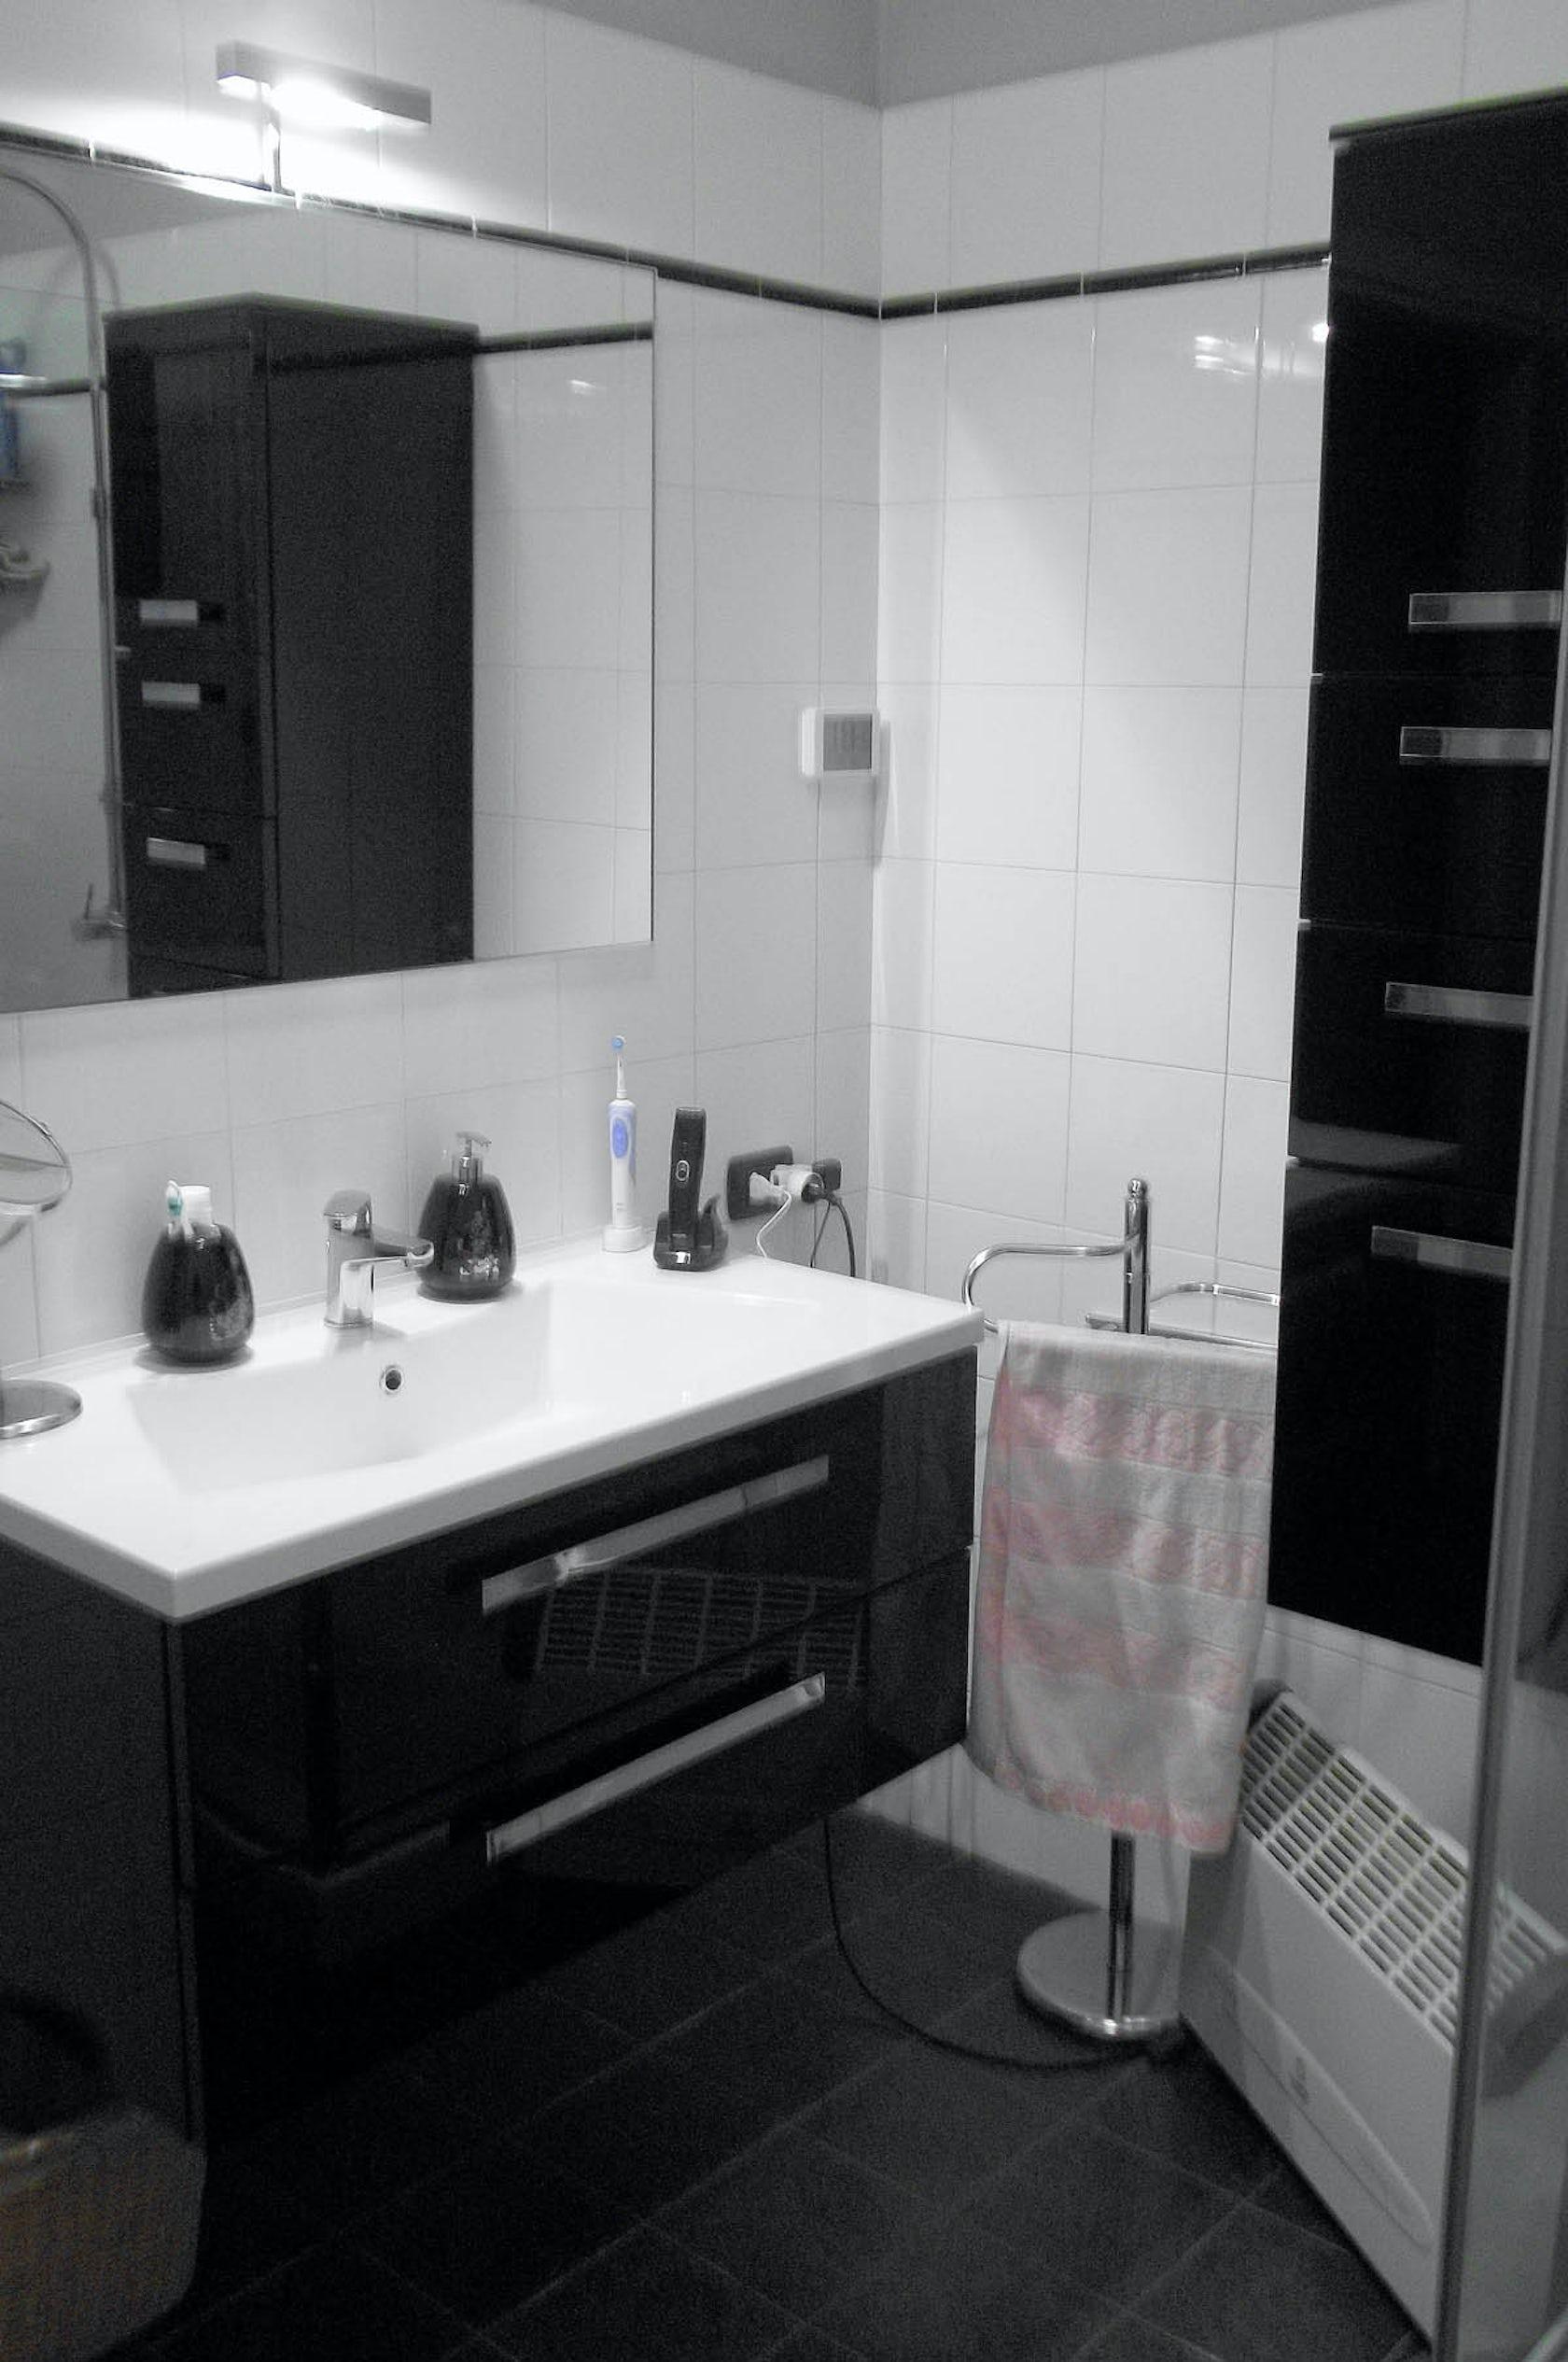 Arredo bagno nero lucido su parete ceramica bianca - Mobile bagno nero lucido ...